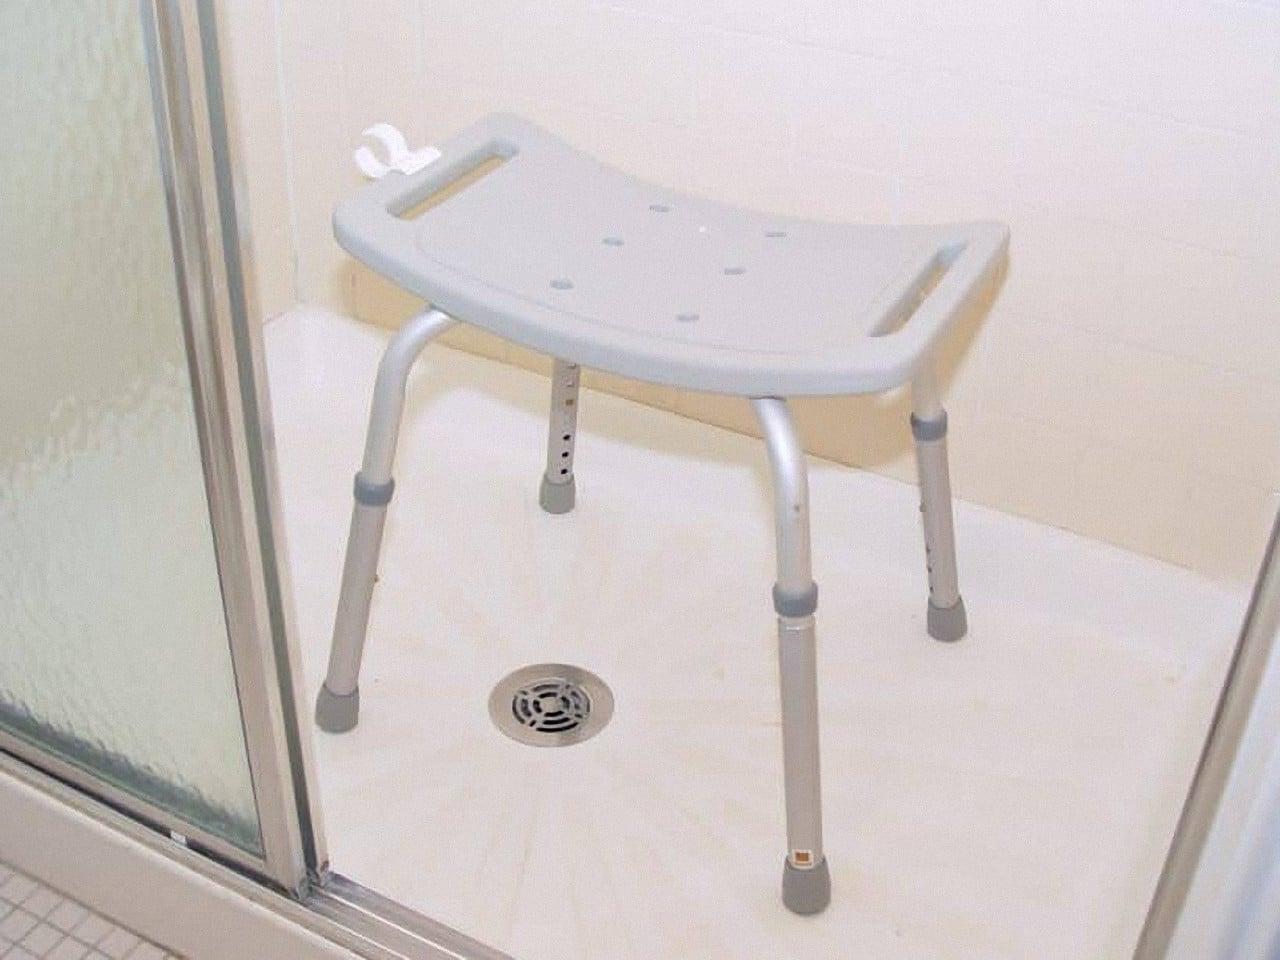 Duschhocker & Duschstuhl für Senioren ✓✓✓ Duschhilfen im Bad